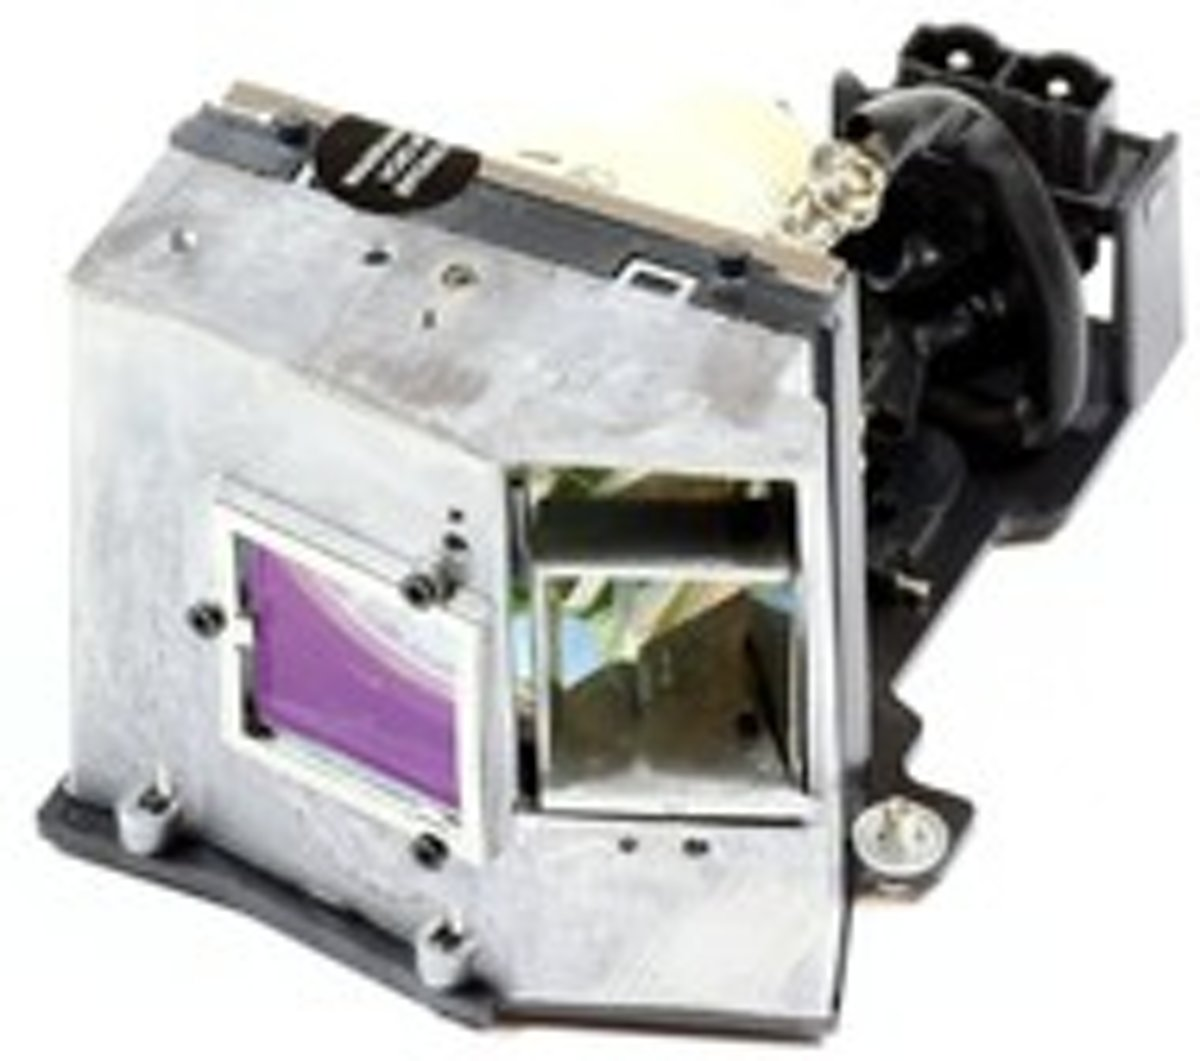 MicroLamp ML10992 250W Projectie/Beamer Lamp voor Optoma EP751en EP758 kopen